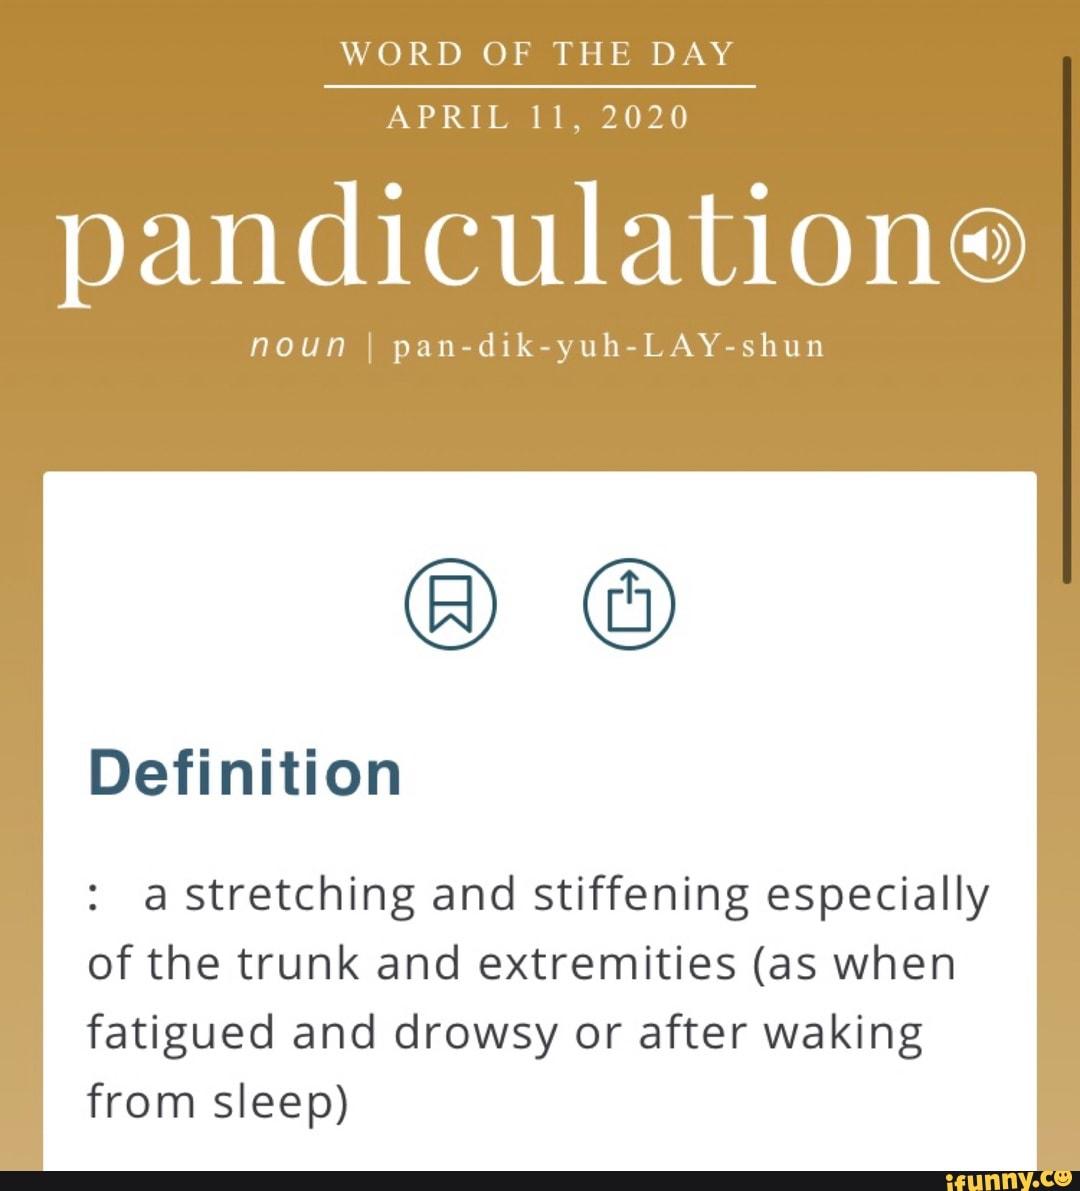 APRIL SIG. 2020 pandiculationo noun I pan-dik-yuh-LAY-shun ...